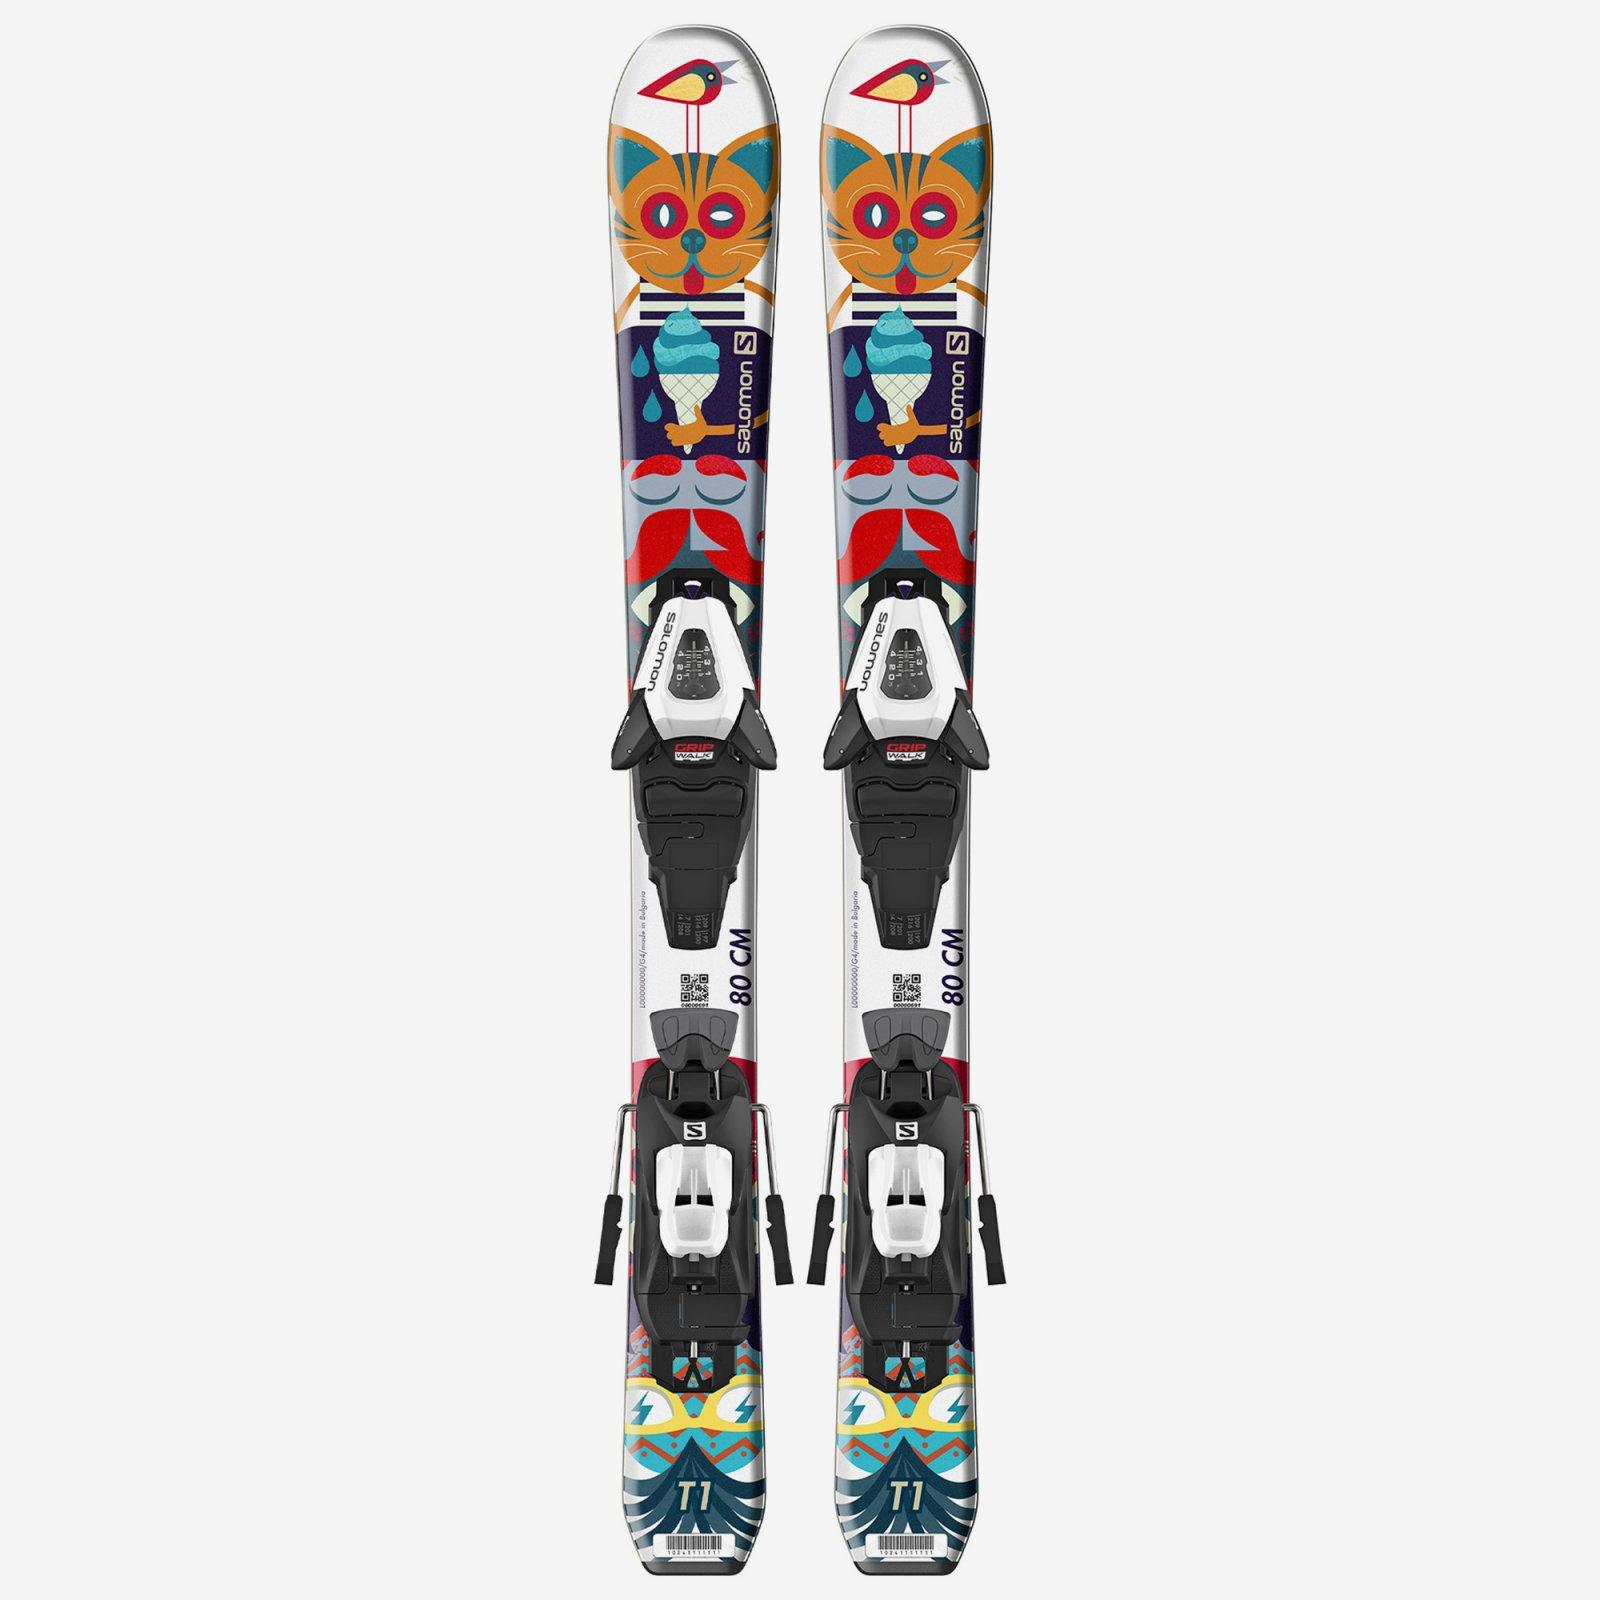 Salomon T1 Jr xs Skis + C5 GW J75 2020